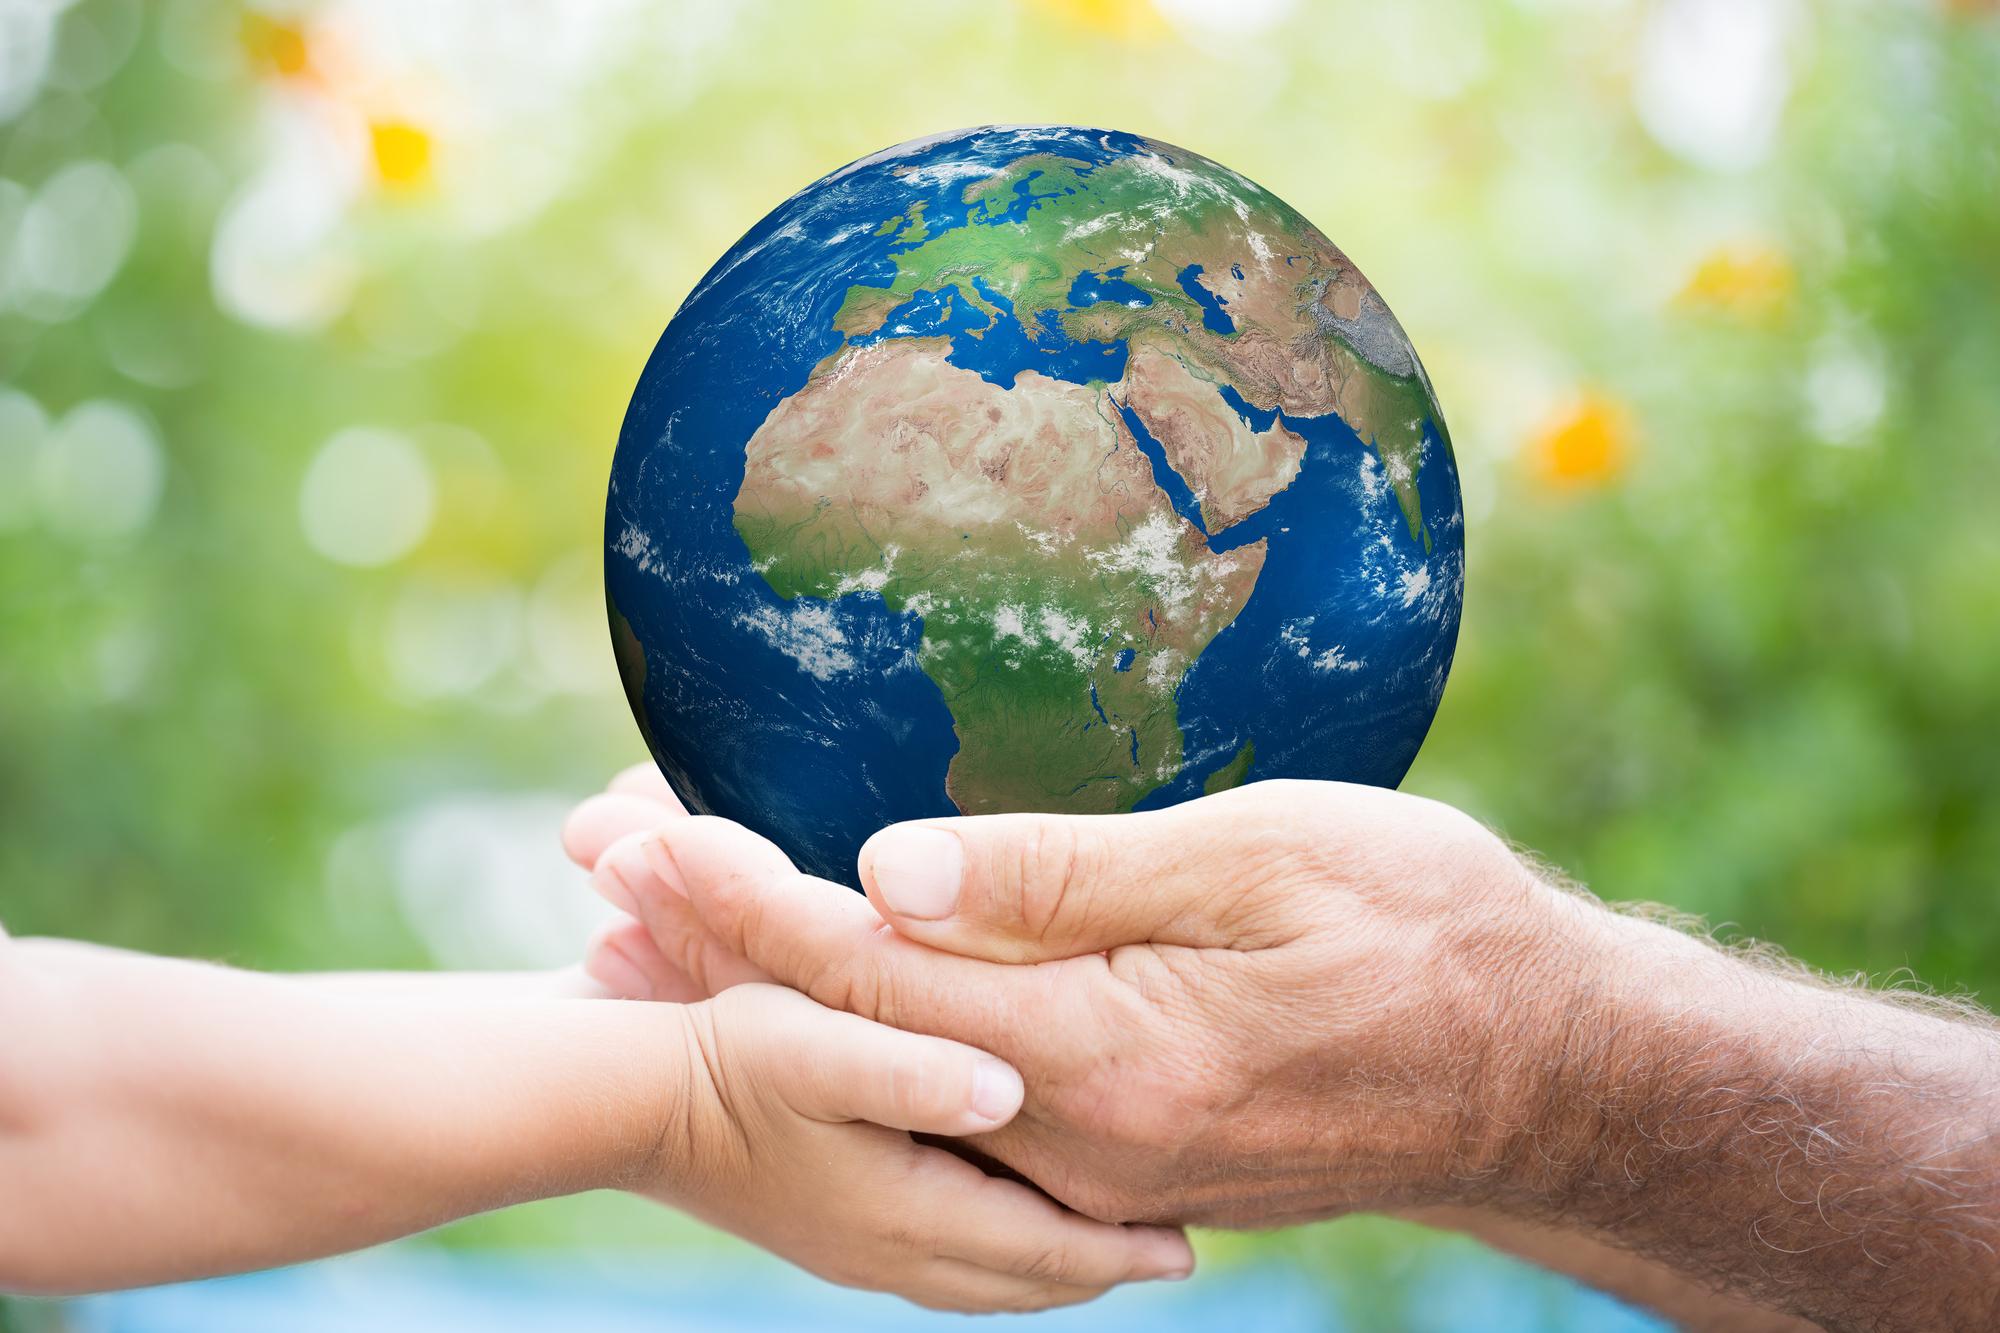 Сегодня отмечают Международный День Земли 2019